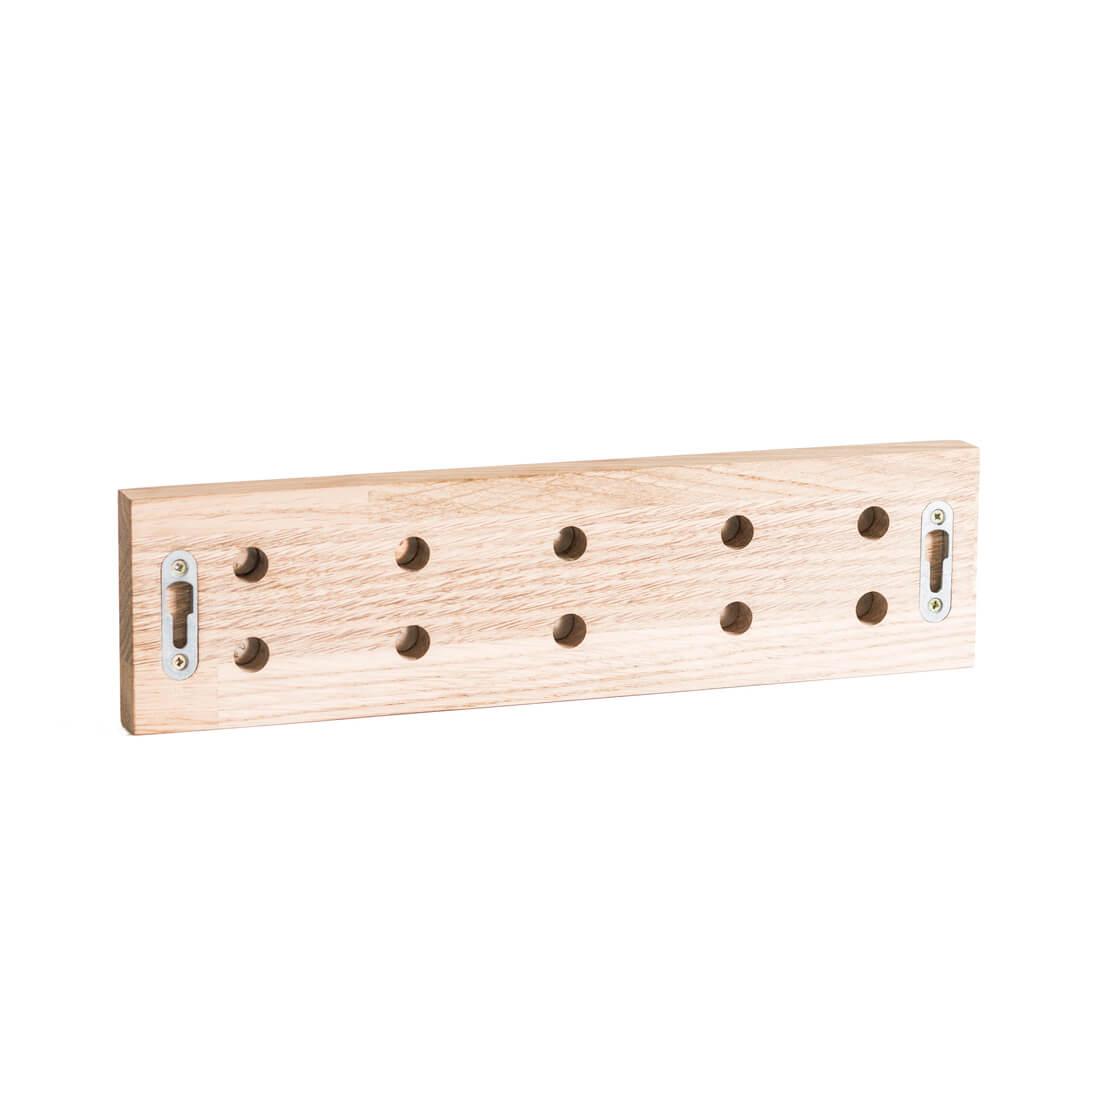 Base magnética para cuchillos de madera